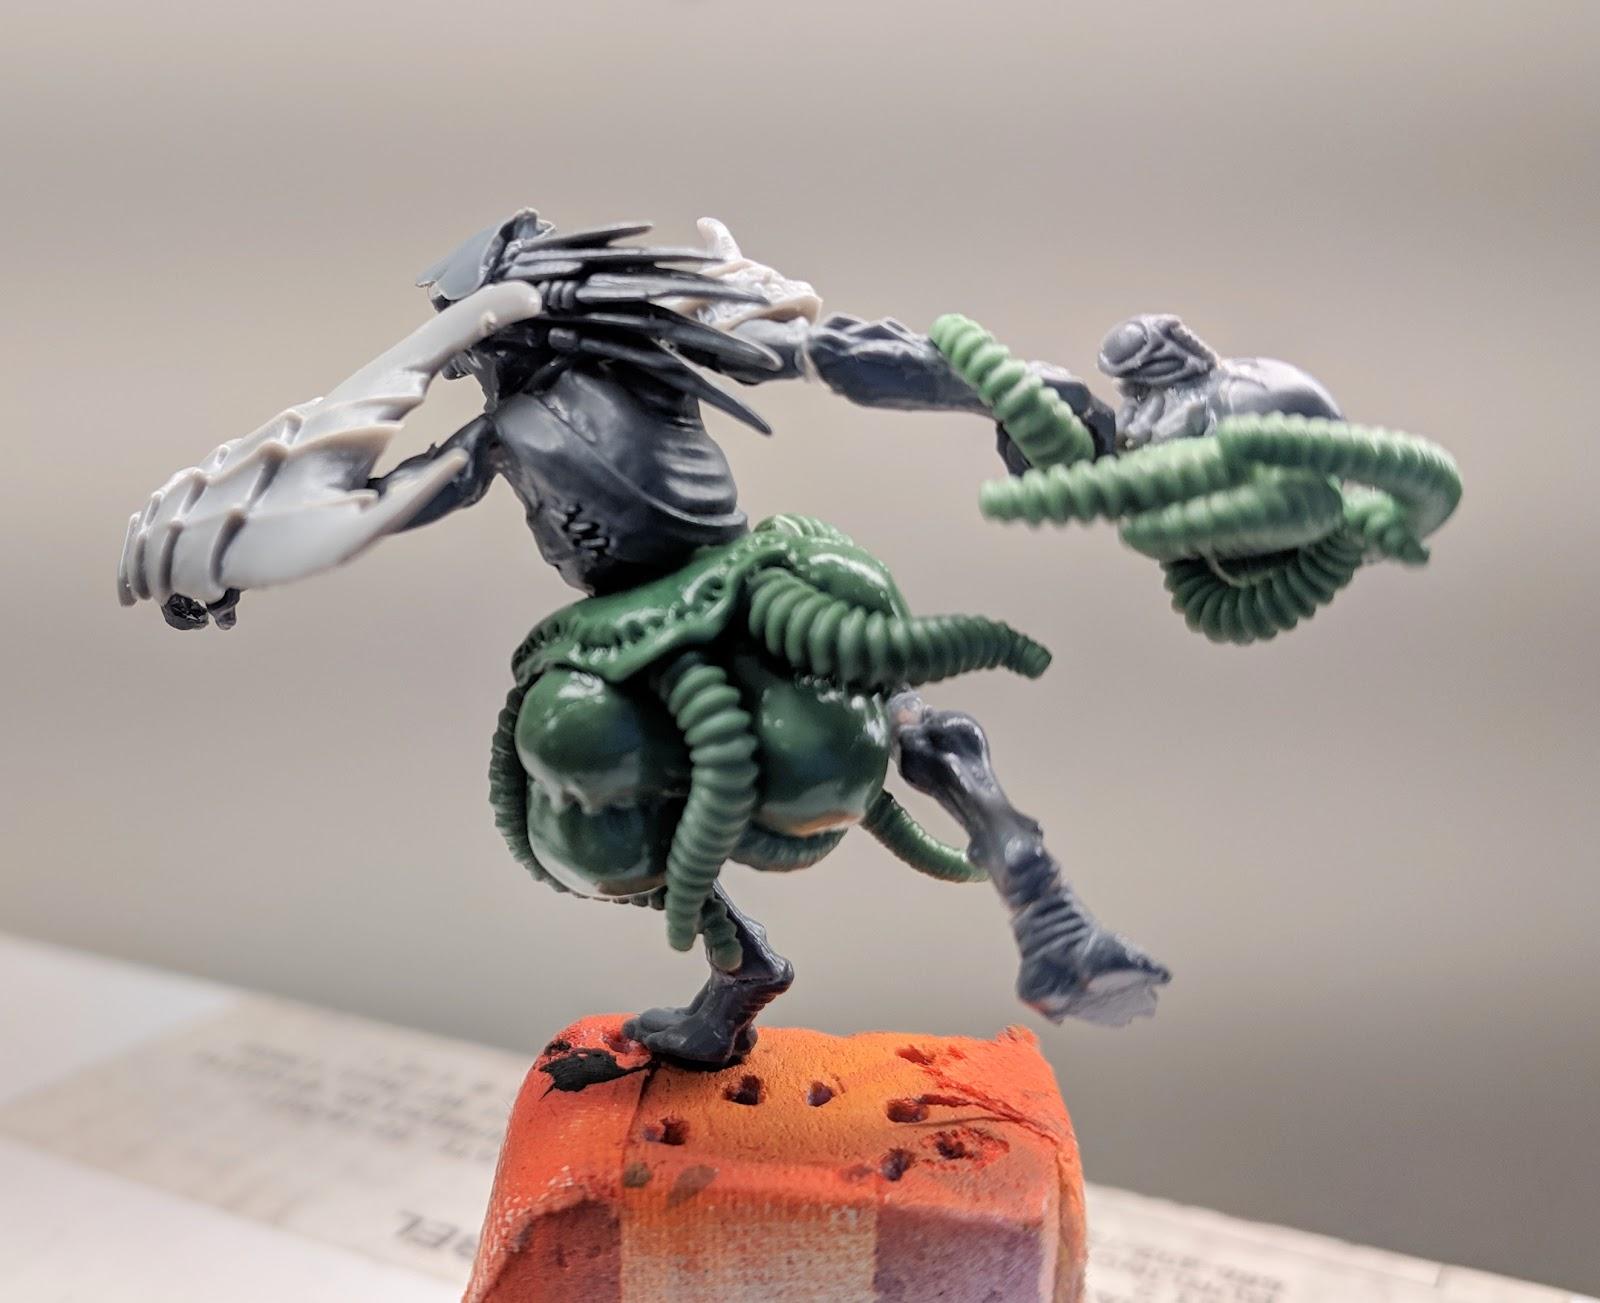 Symbiont genestealer cult citadel GW Warhammer 40k Tyraniden tyranids